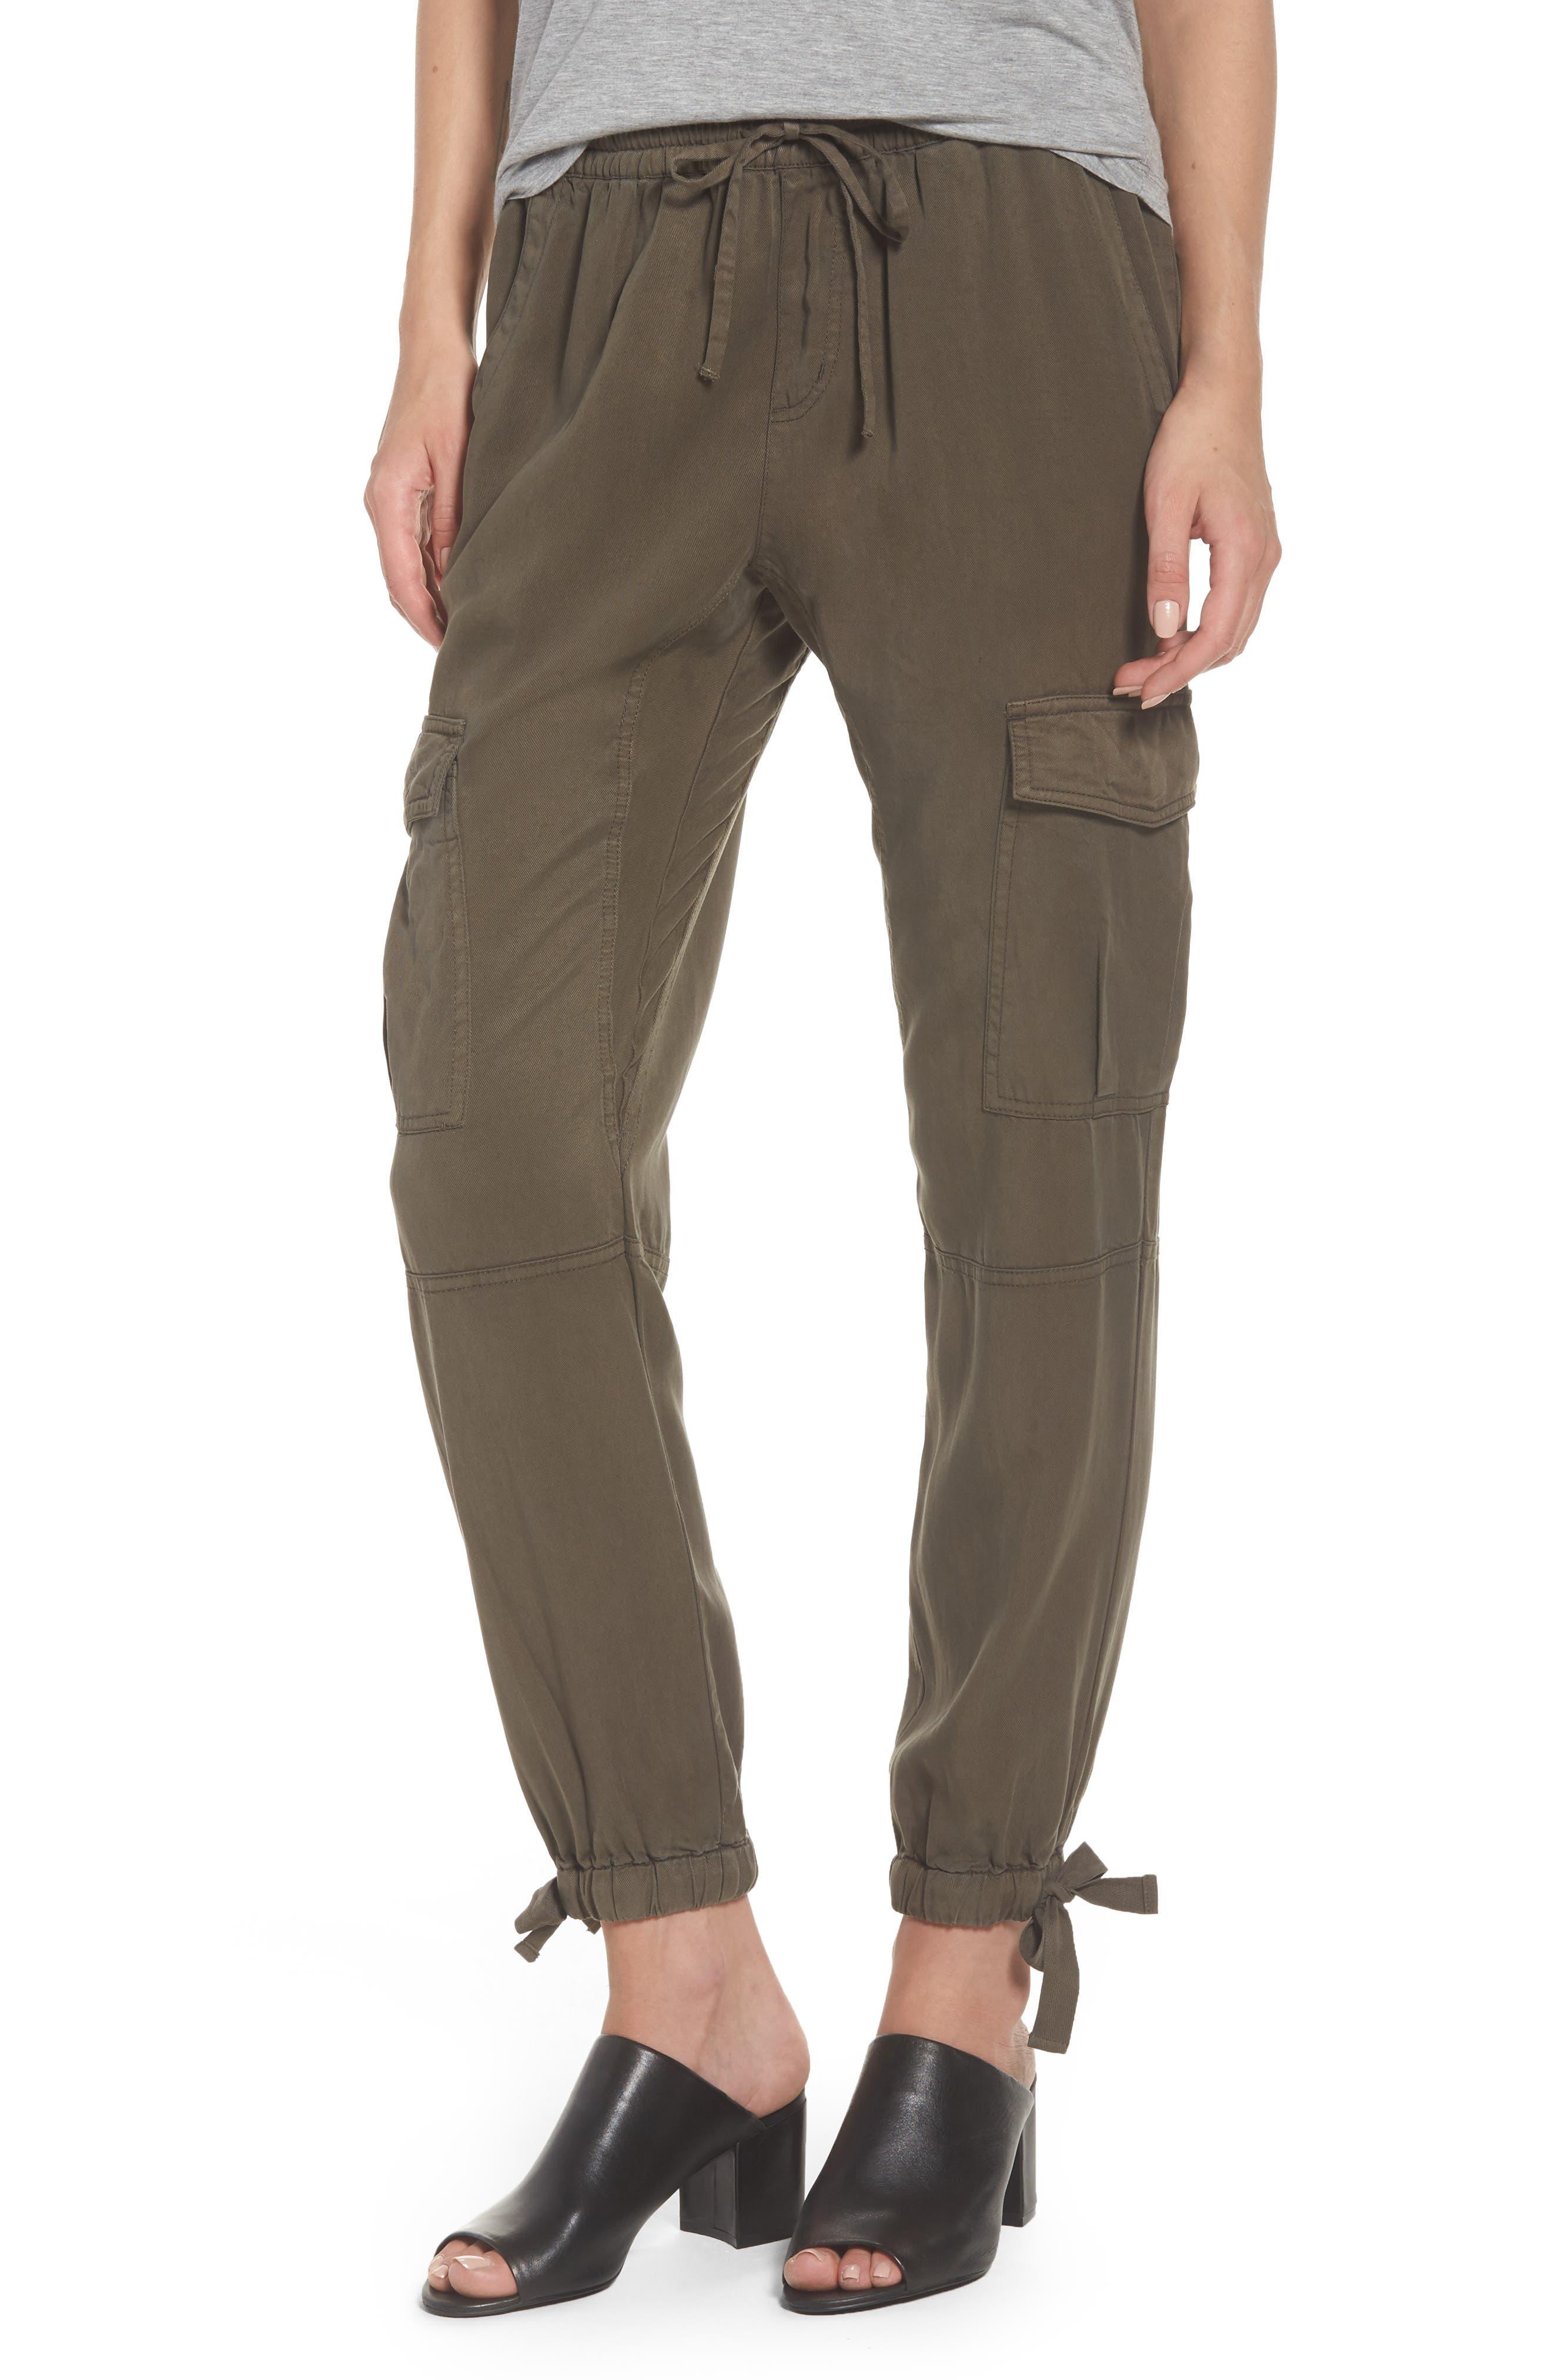 Ankle Tie Tencel Pants,                             Main thumbnail 1, color,                             307